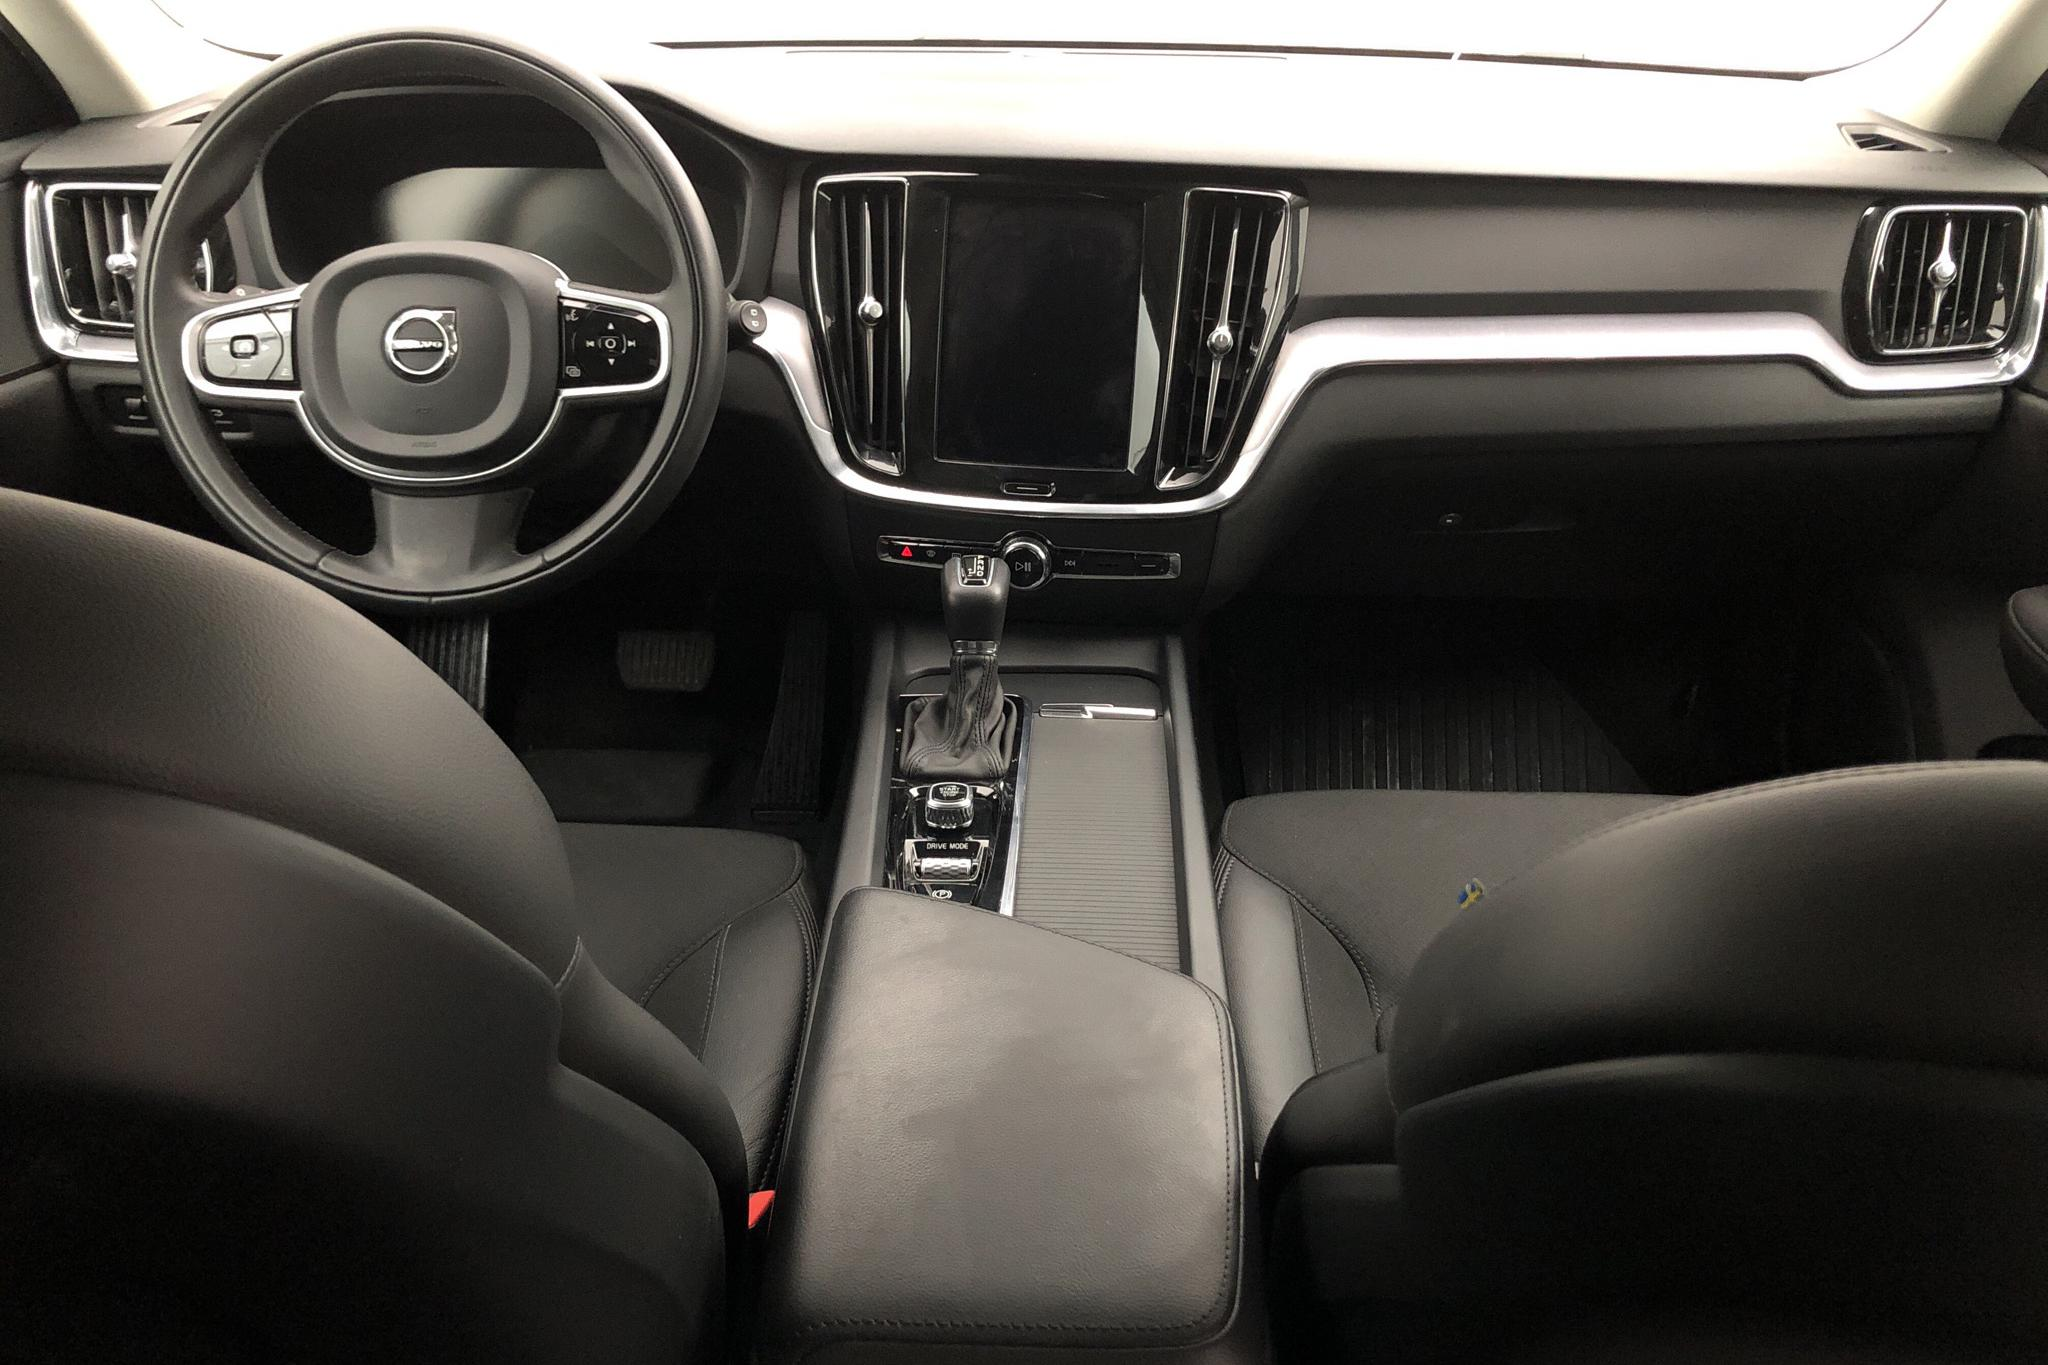 Volvo V60 D4 AWD (190hk) - 3 385 mil - Automat - grå - 2020